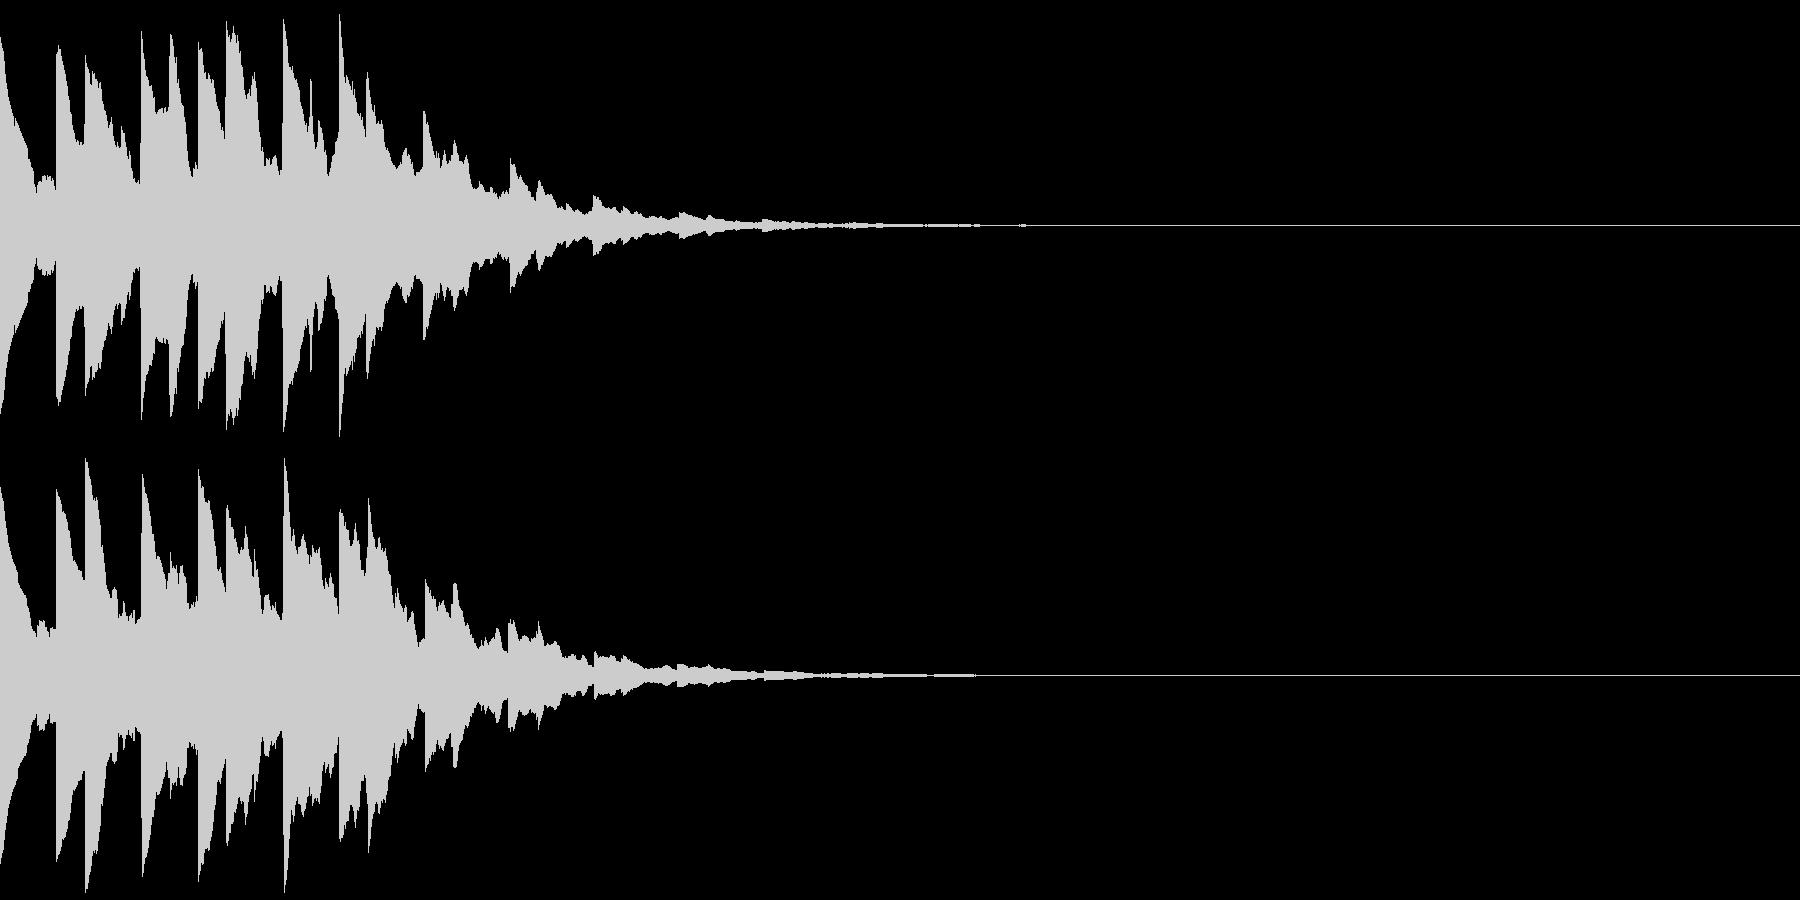 ベルのゲームクリア音、レベルアップ音の未再生の波形